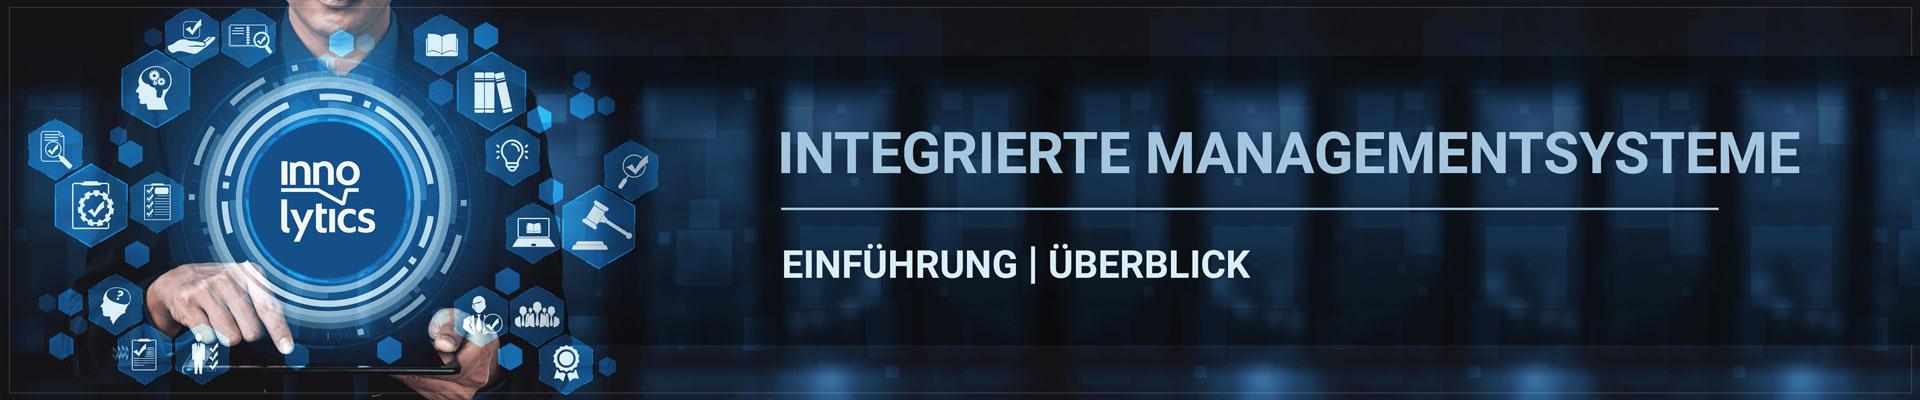 innolytics-software-fuer-integrierte-managementsystem-header